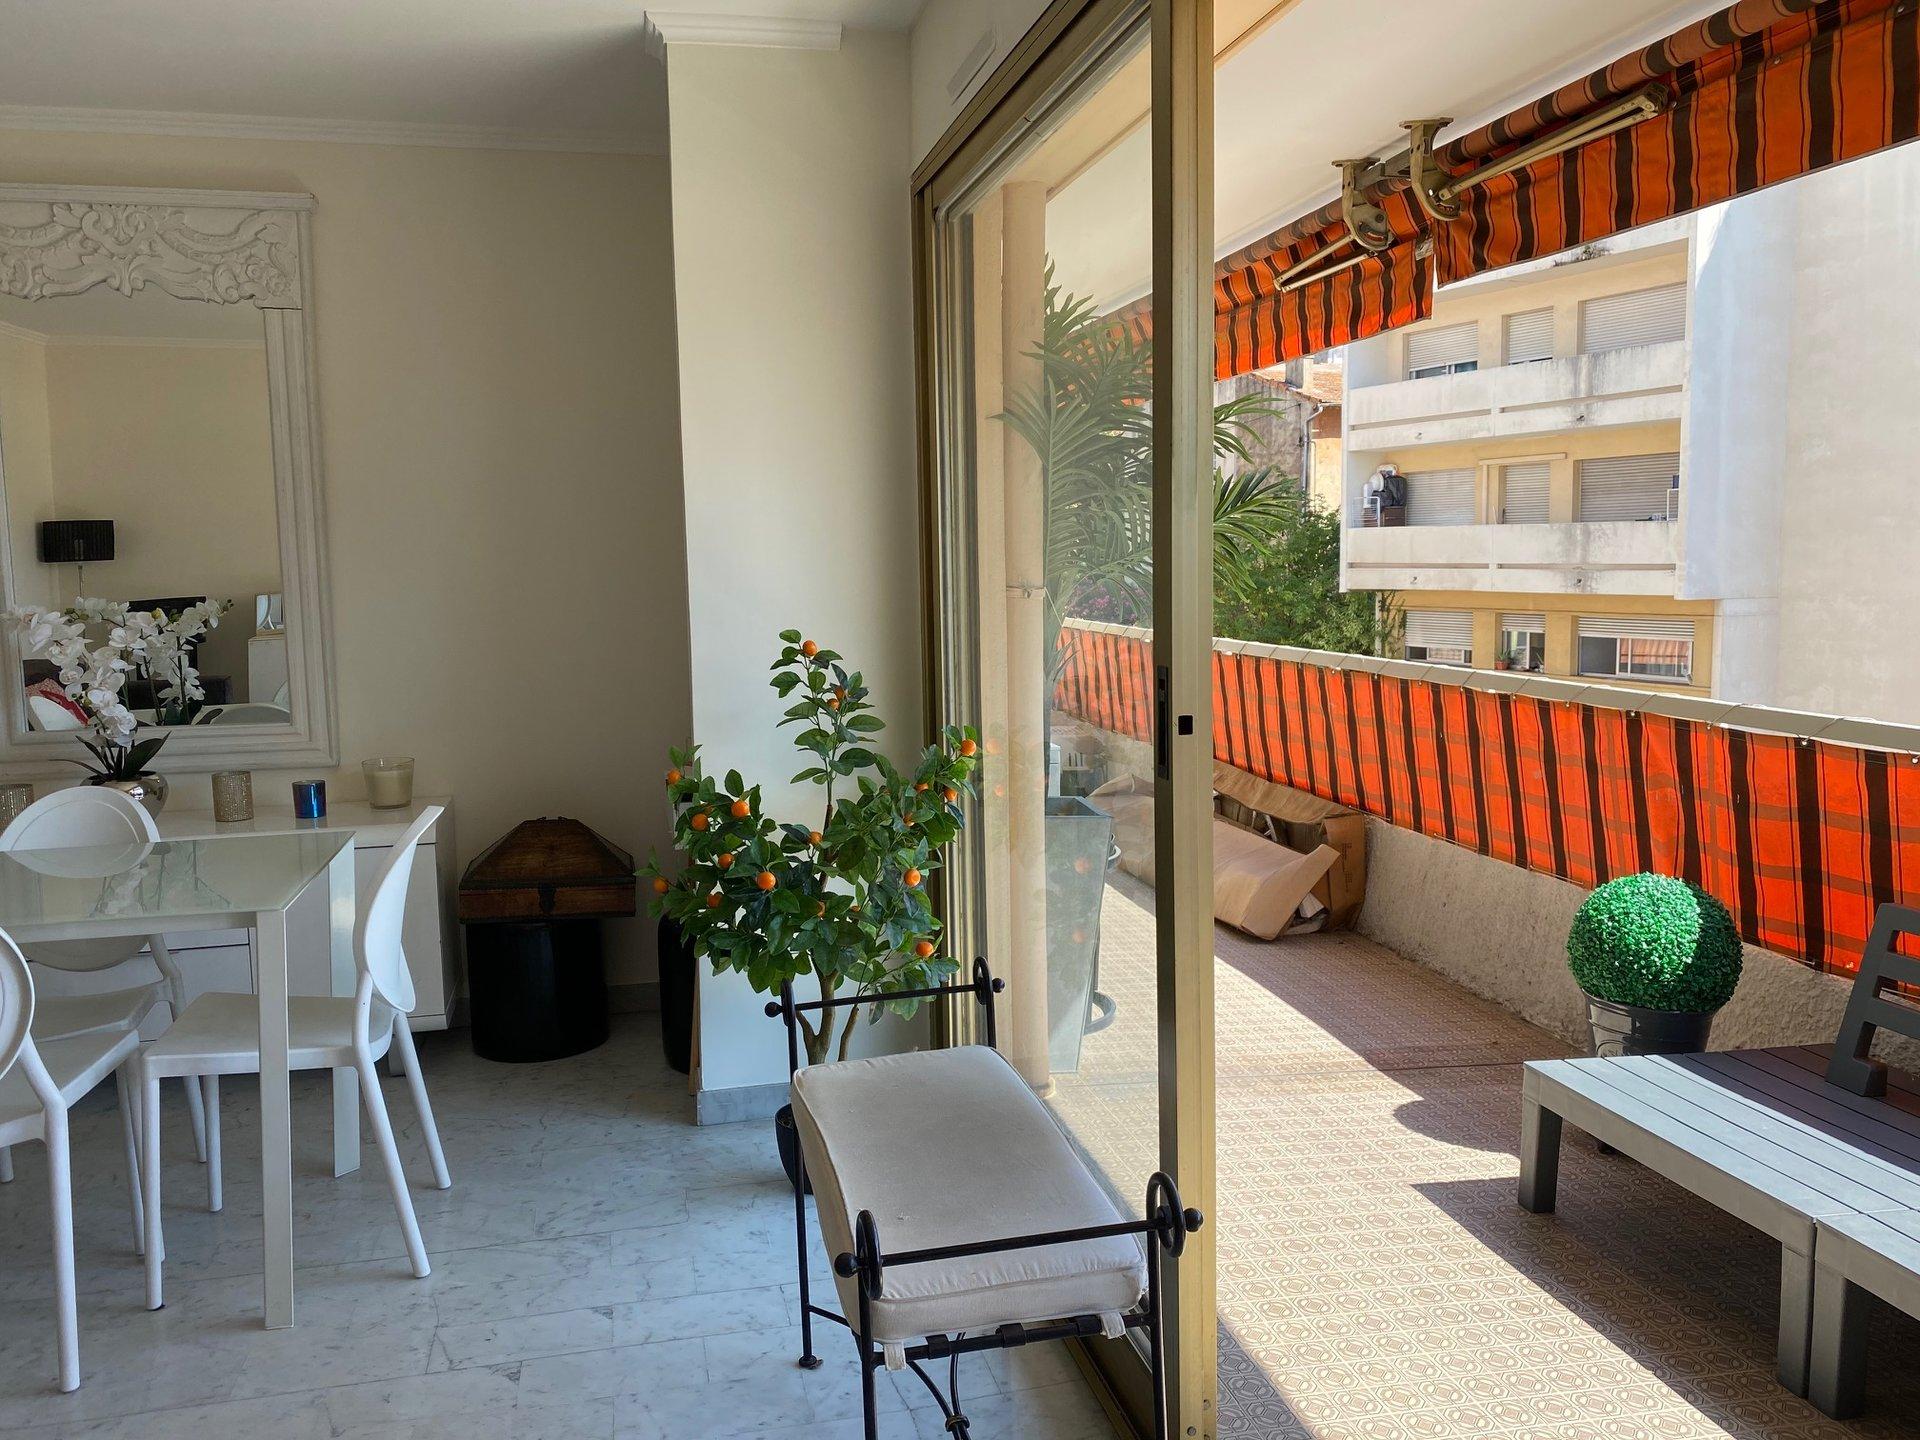 2 piéces terrasse+box vieux cannet